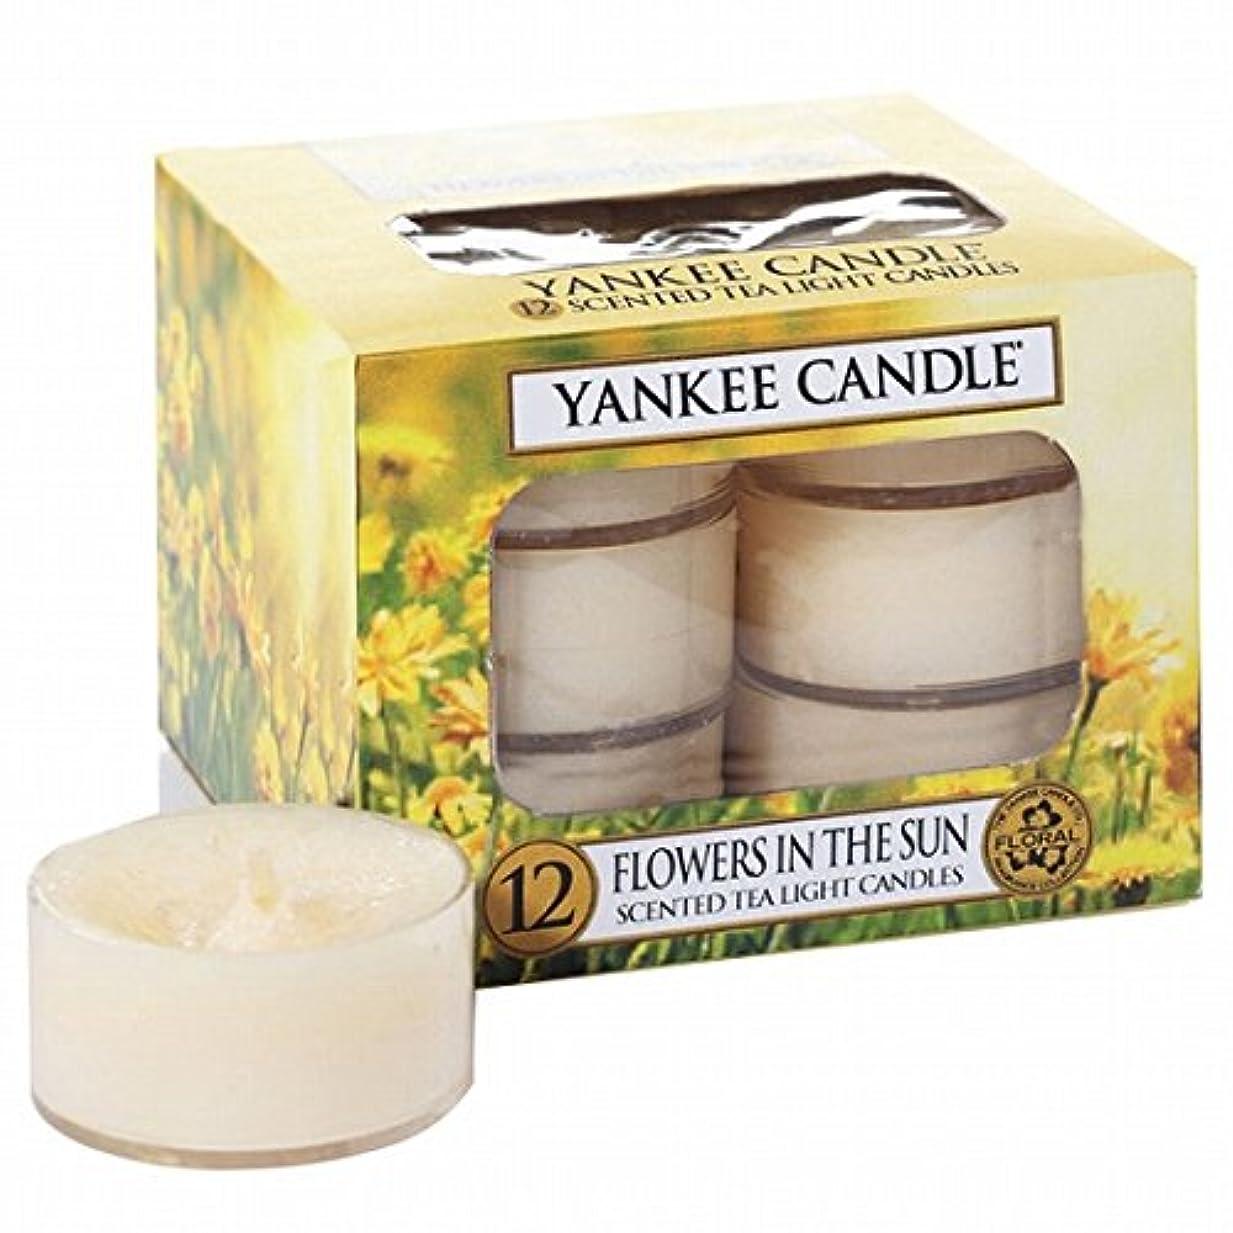 YANKEE CANDLE(ヤンキーキャンドル) YANKEE CANDLE クリアカップティーライト12個入り 「フラワーインザサン」(K00505274)